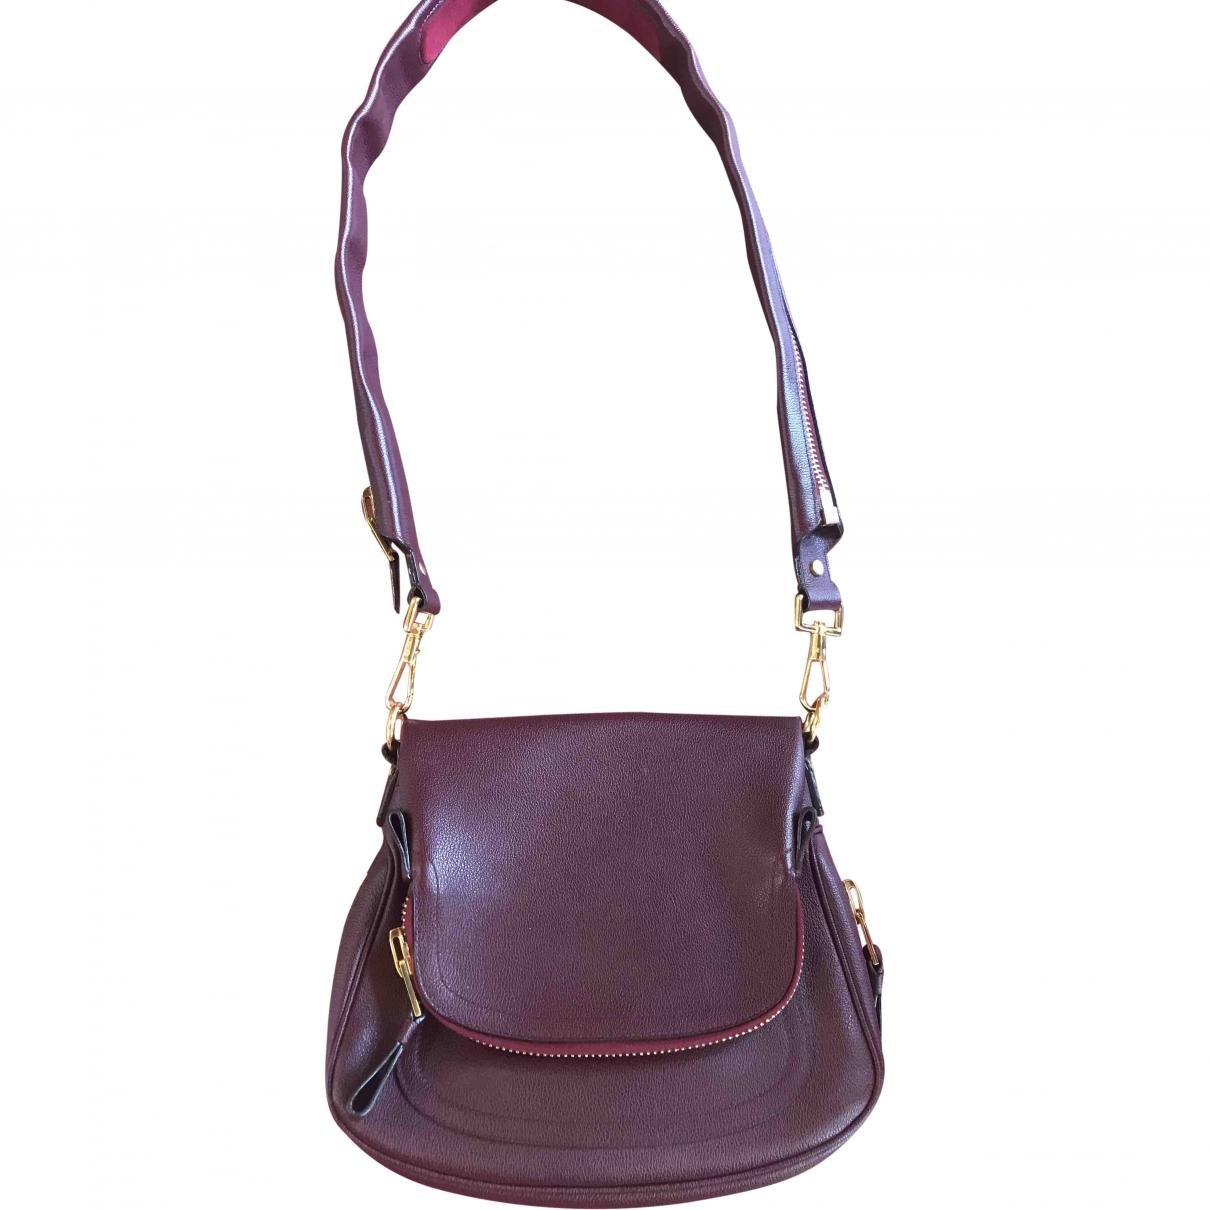 Tom Ford Jennifer Burgundy Leather handbag for Women \N